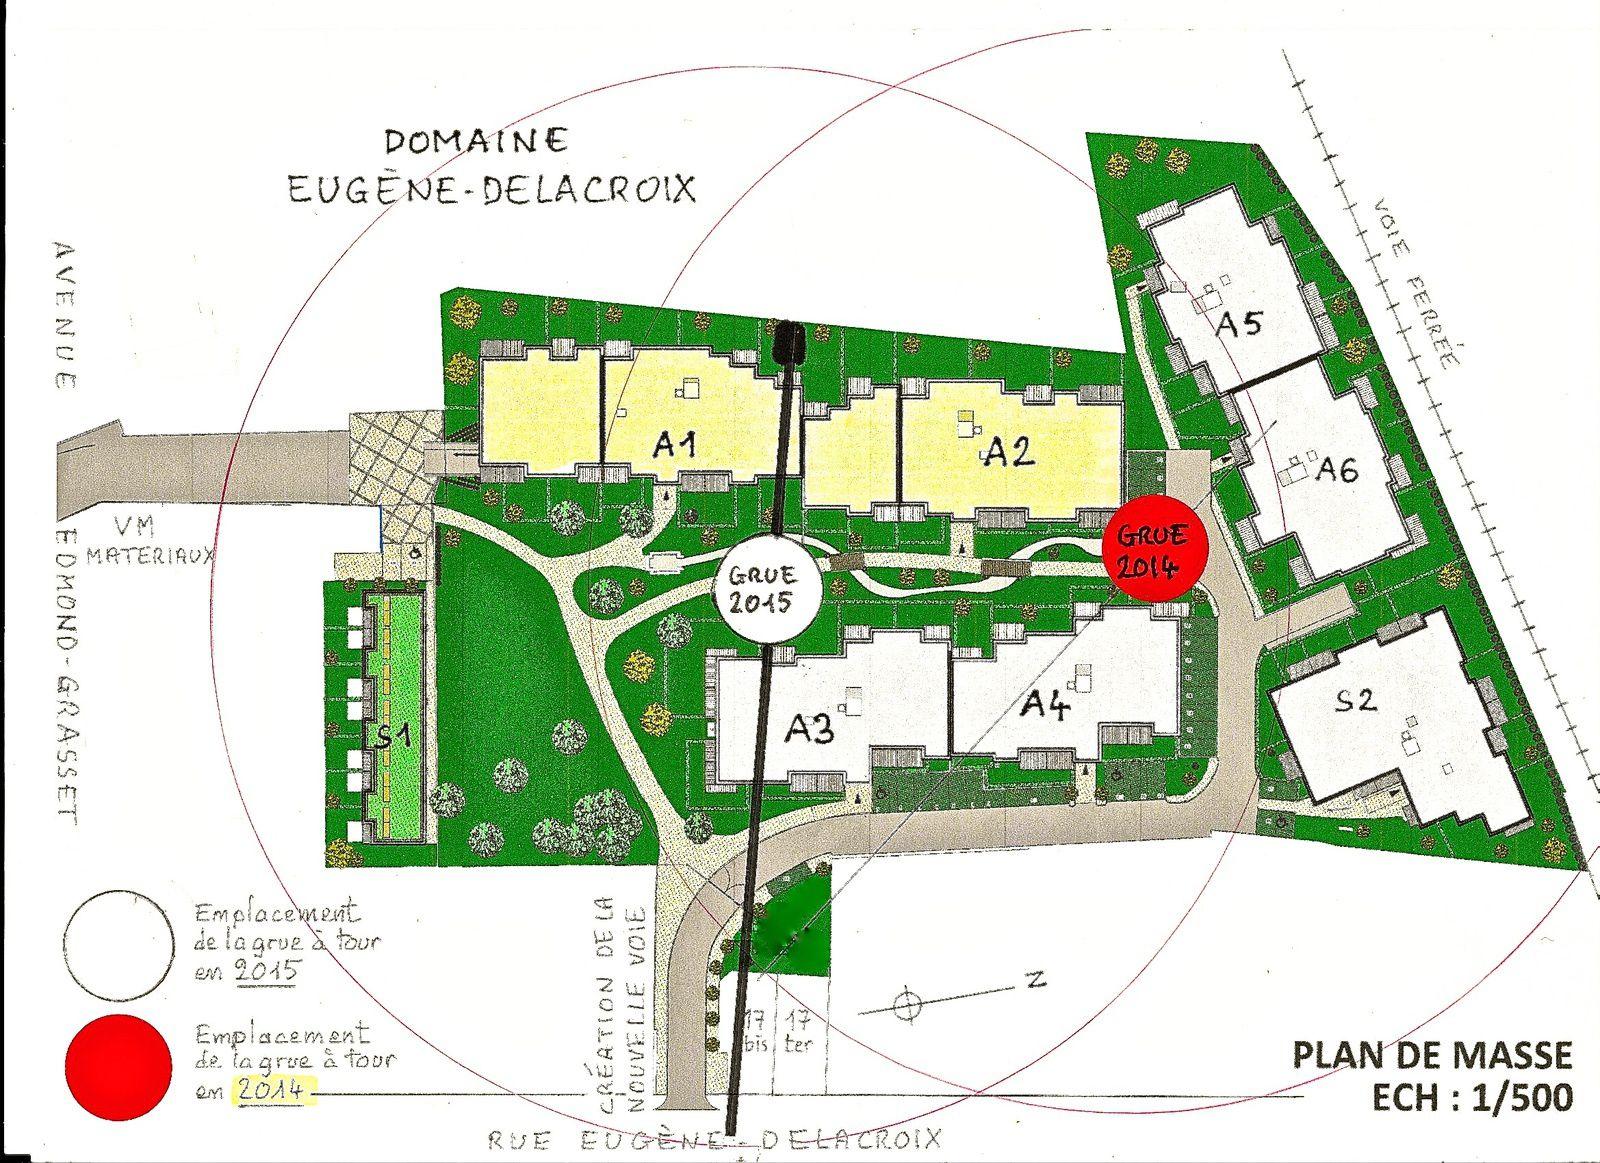 """(1) Le rond blanc """"GRUE 2015"""" indique le nouvel emplacement de la tour de la grue."""